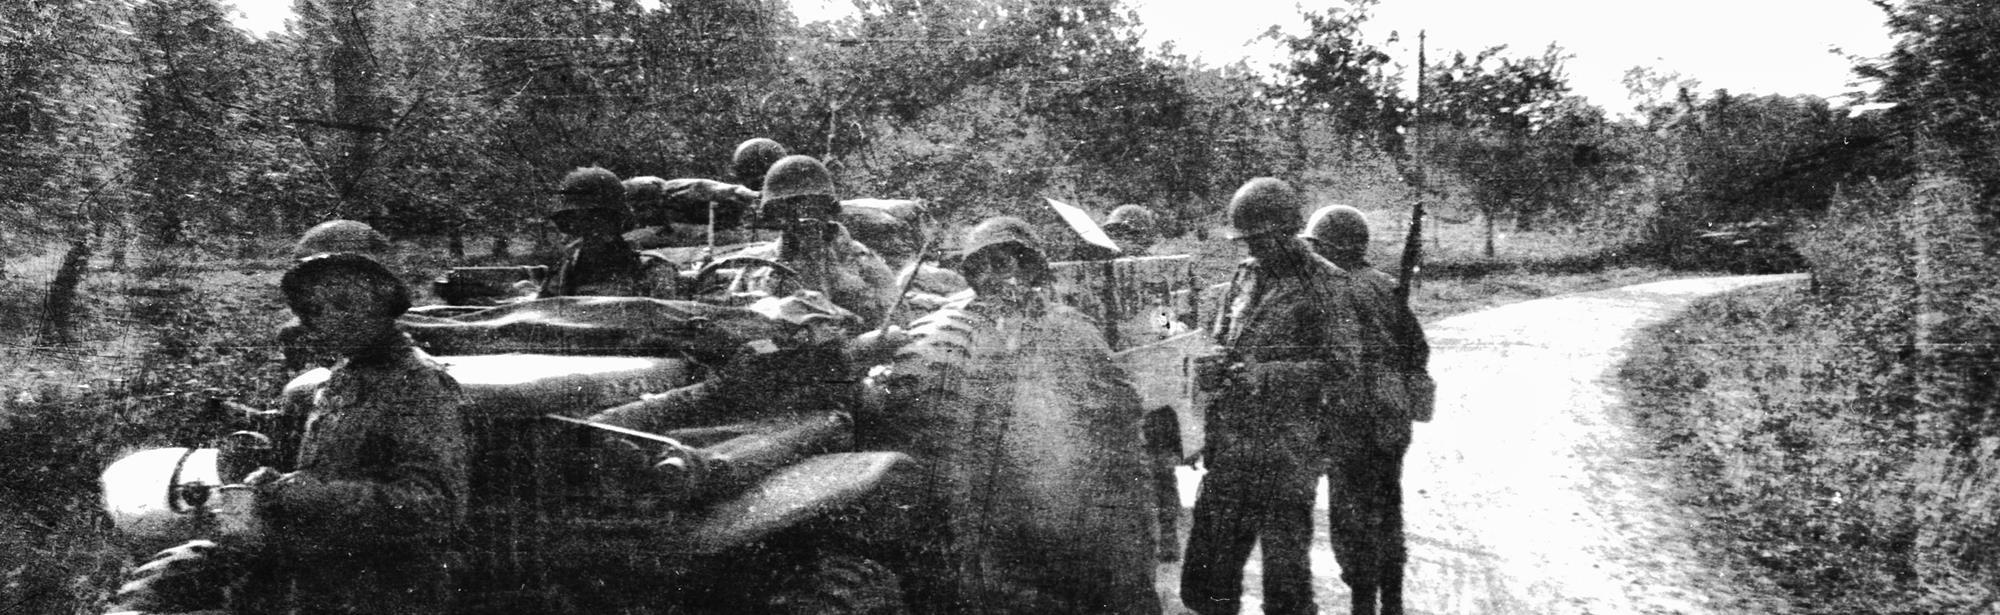 Bevrijding van het Heuvelland Eijsden-Margraten